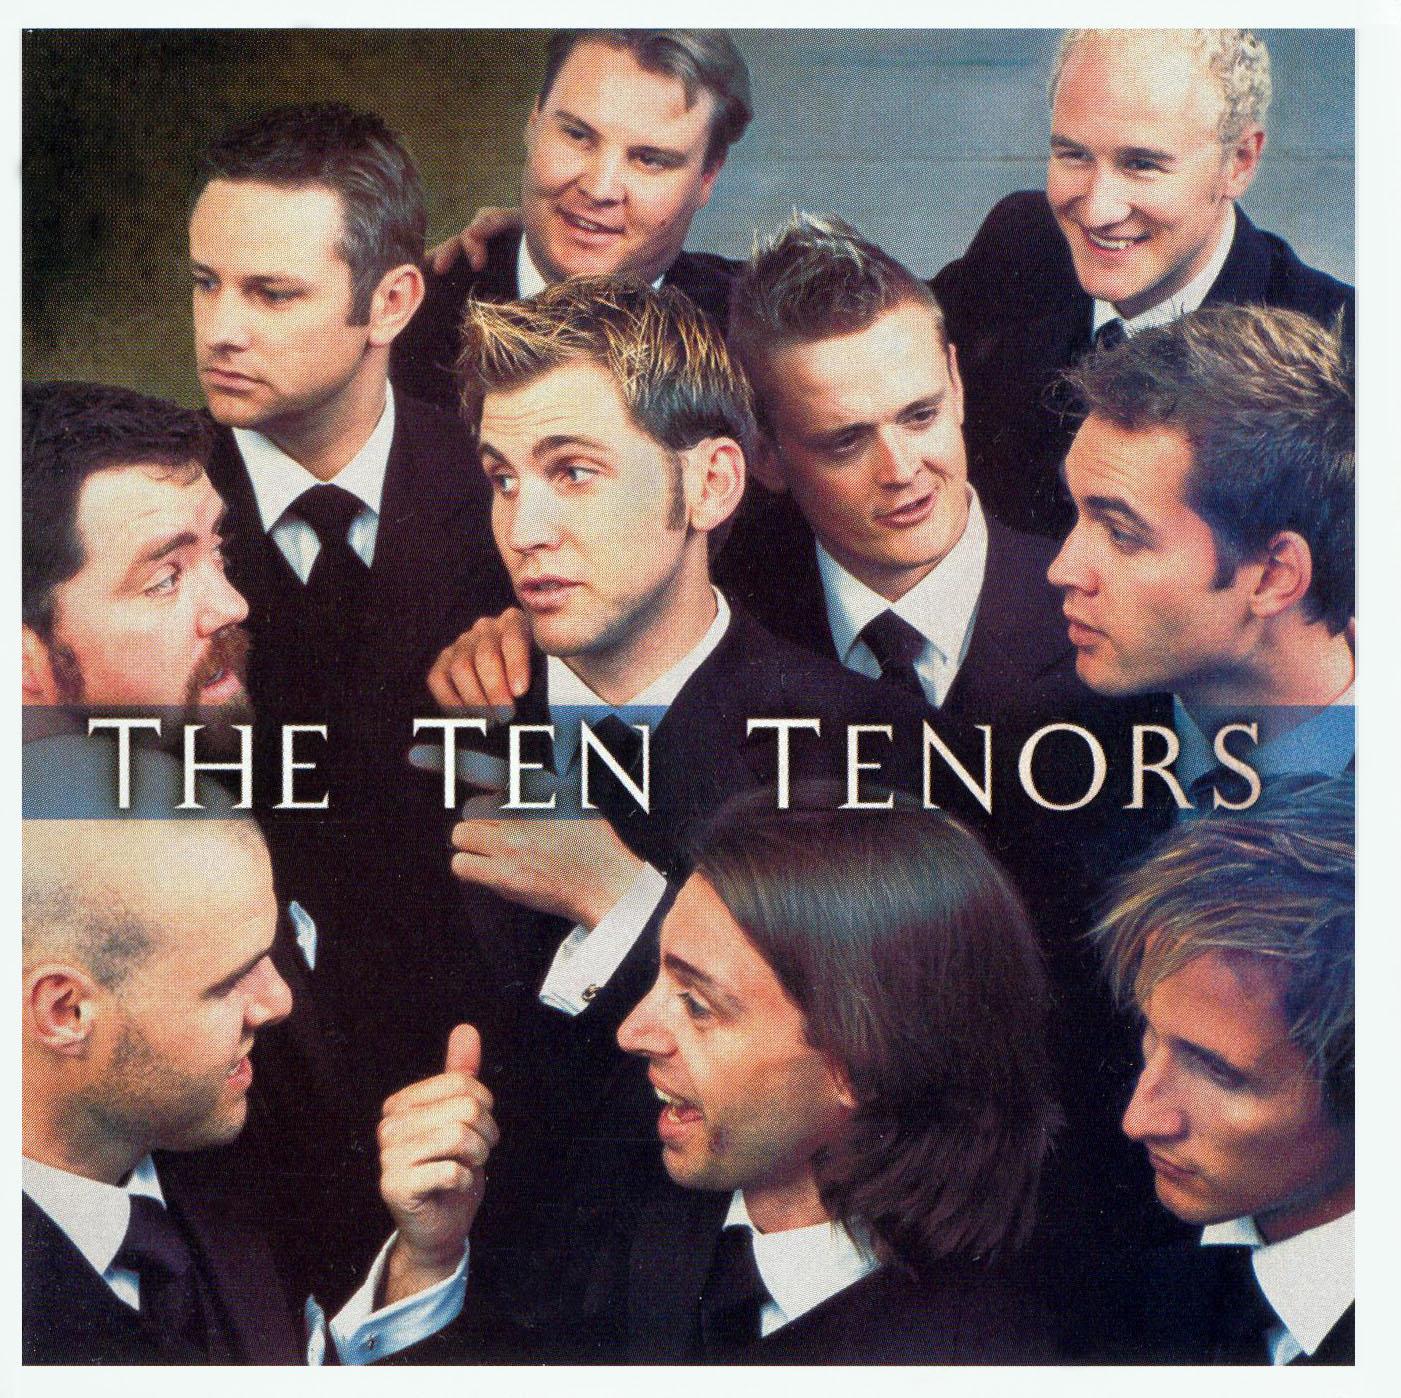 The Ten Tenors: Larger Than Life